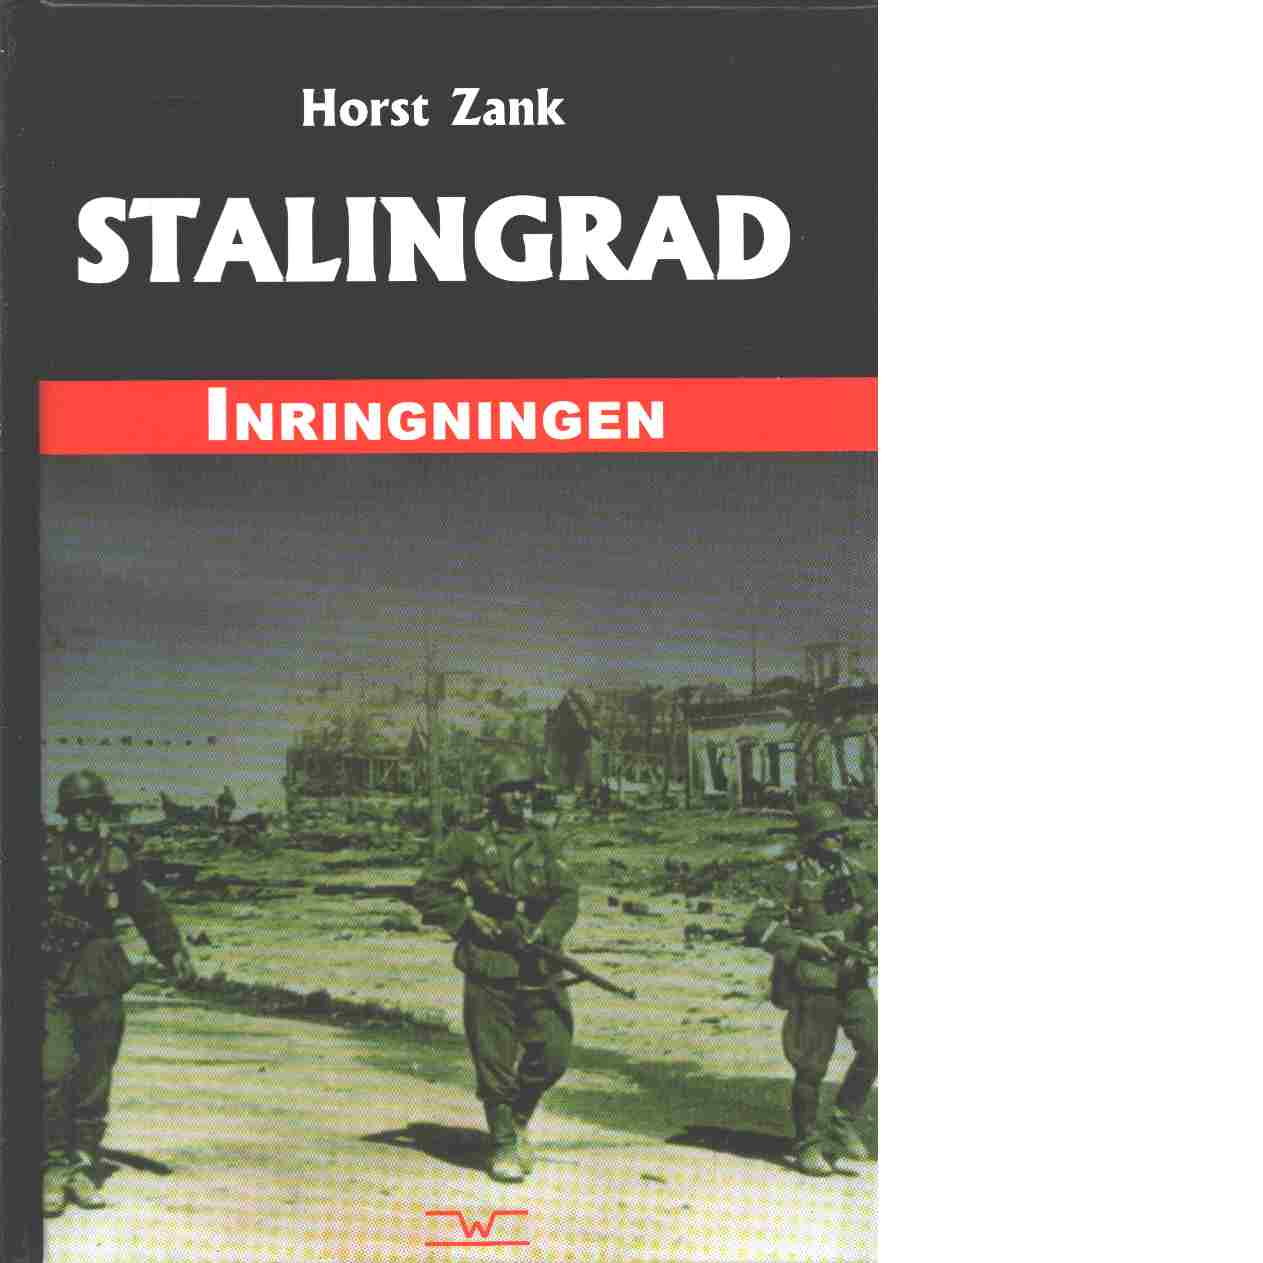 Stalingrad - Inringningen - Zank, Horst